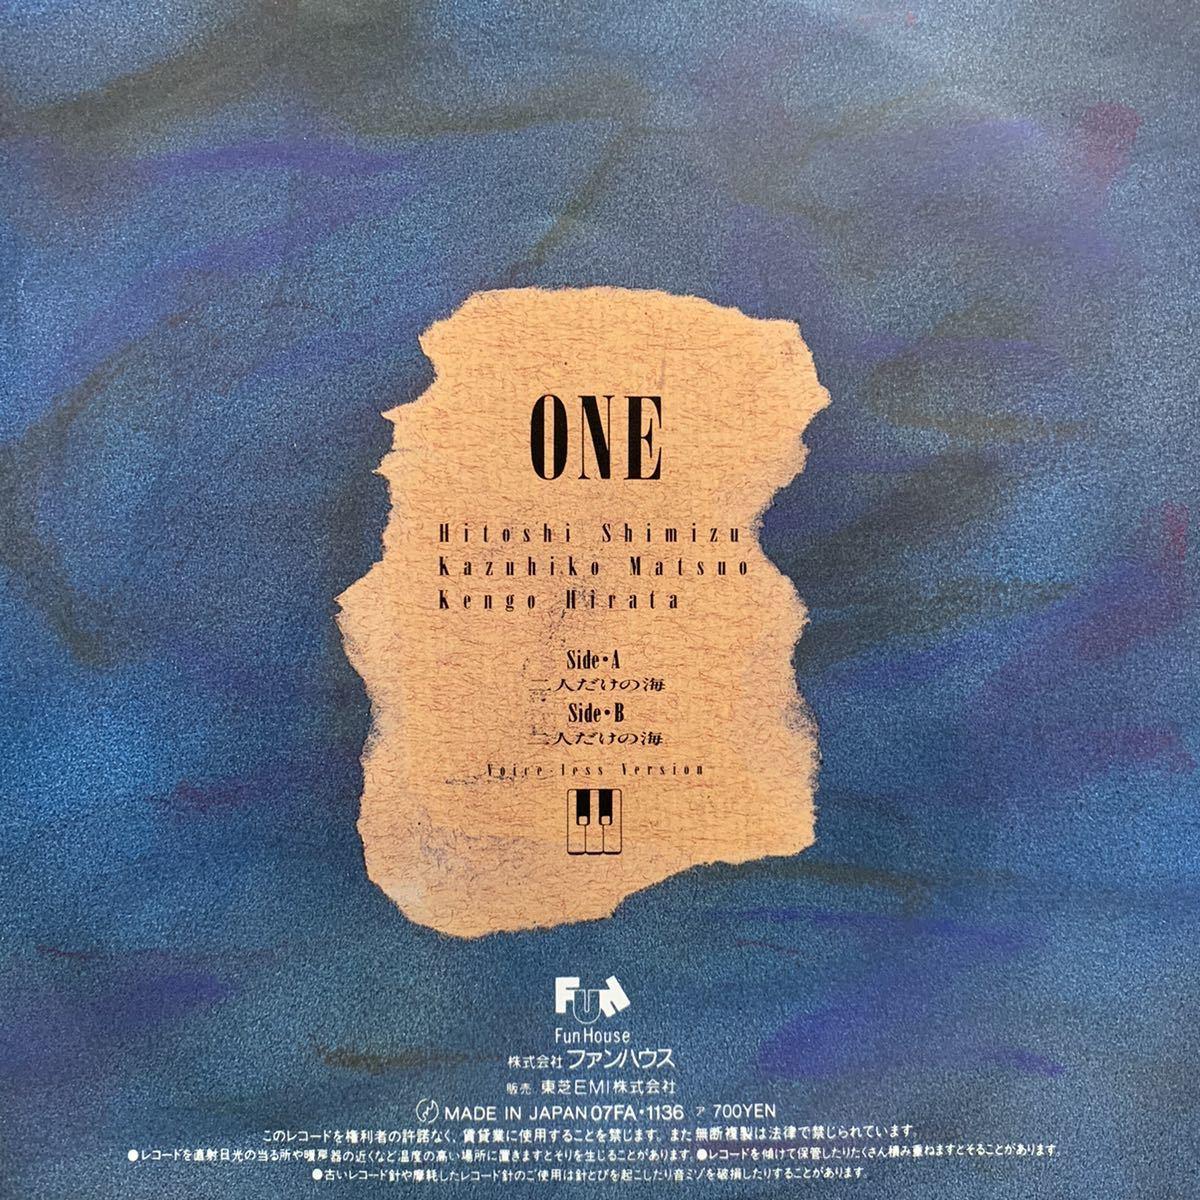 【EP】【7インチレコード】激レア 87年 非売品 見本盤 ONE / 二人だけの海 CD移行期 和モノ_画像2